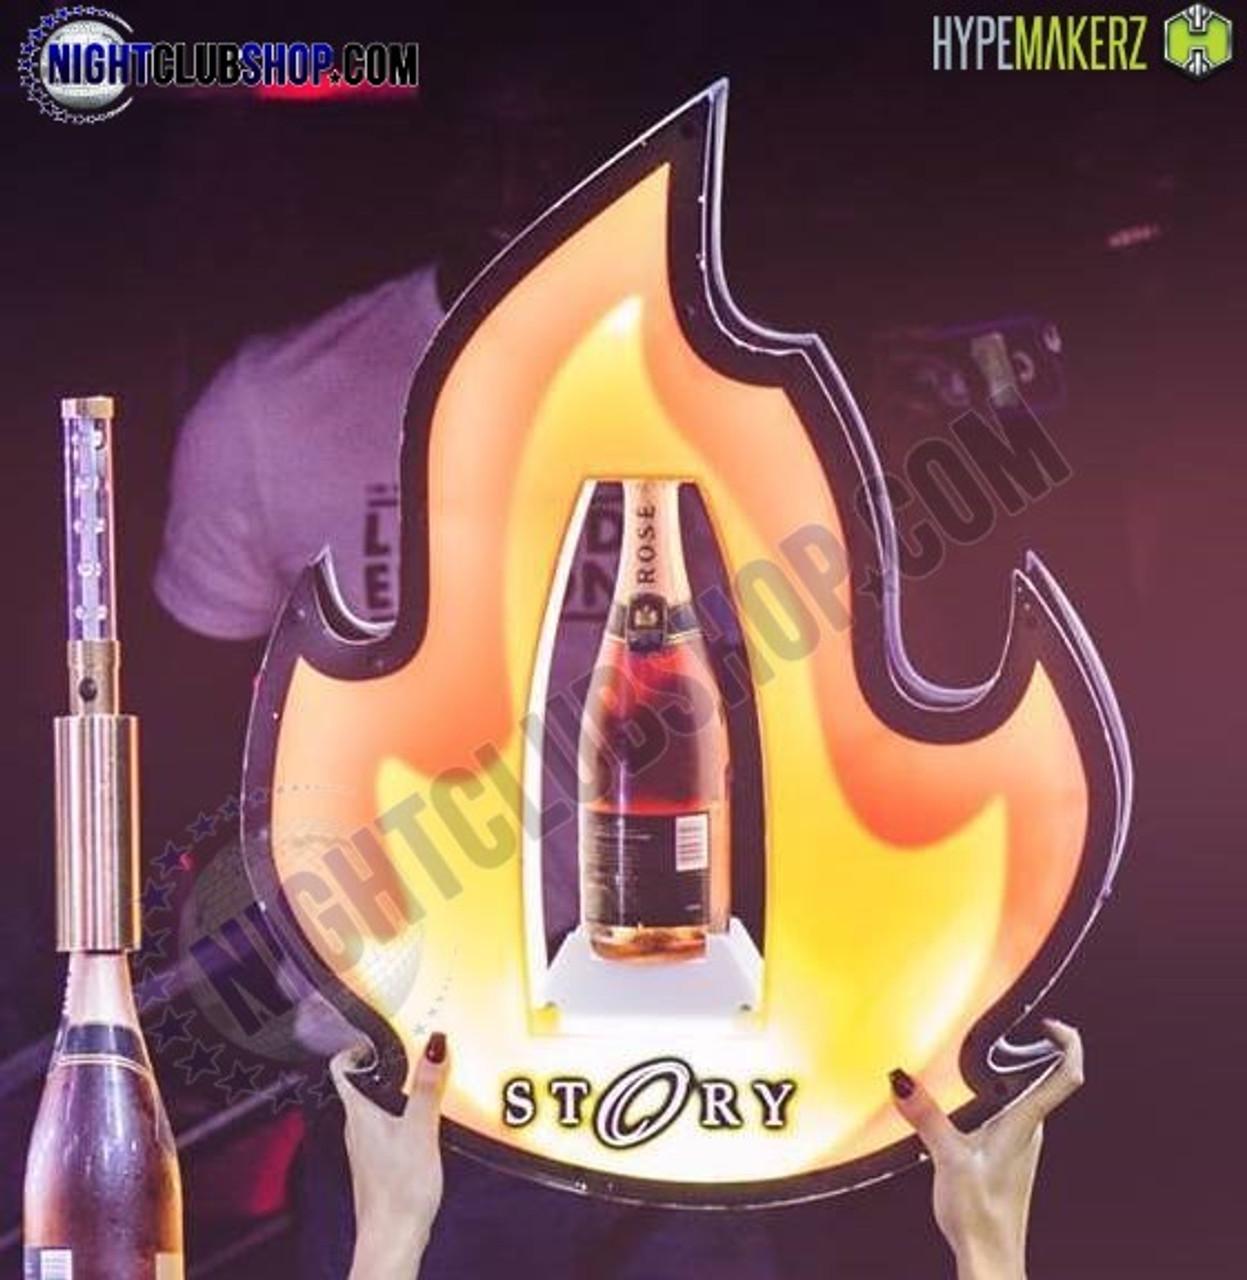 LED, Fire, Flame, Bottle, Presenter, Strobe, Baton, Liquor, Holder, VIP, Huge, Enormous, Gigantic